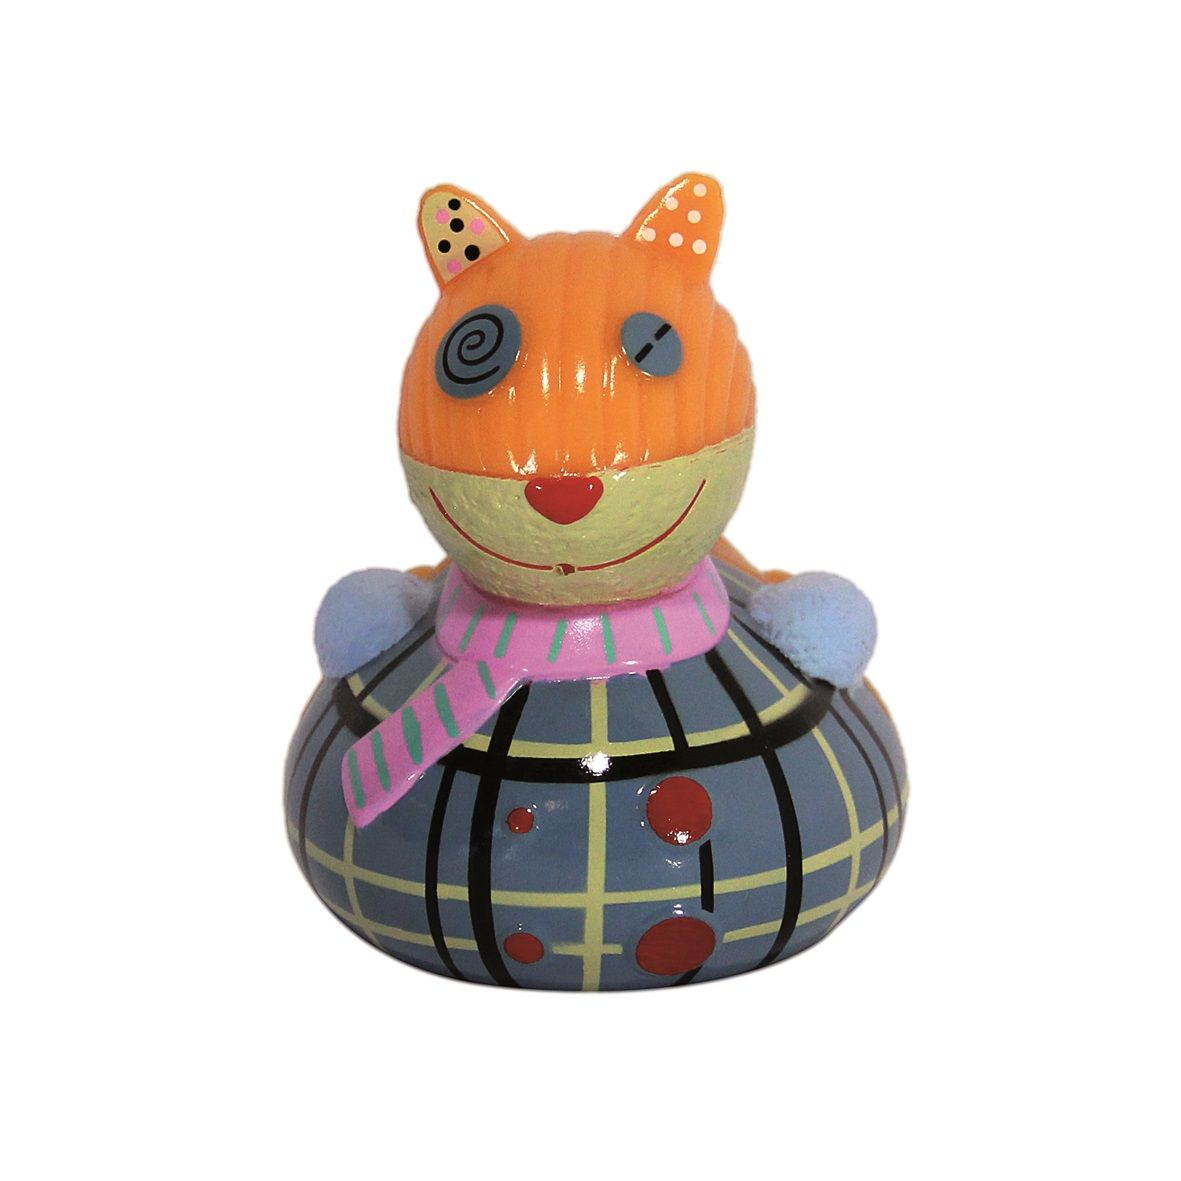 Pato de Banho Ronronos, o Gato - Les Deglingos